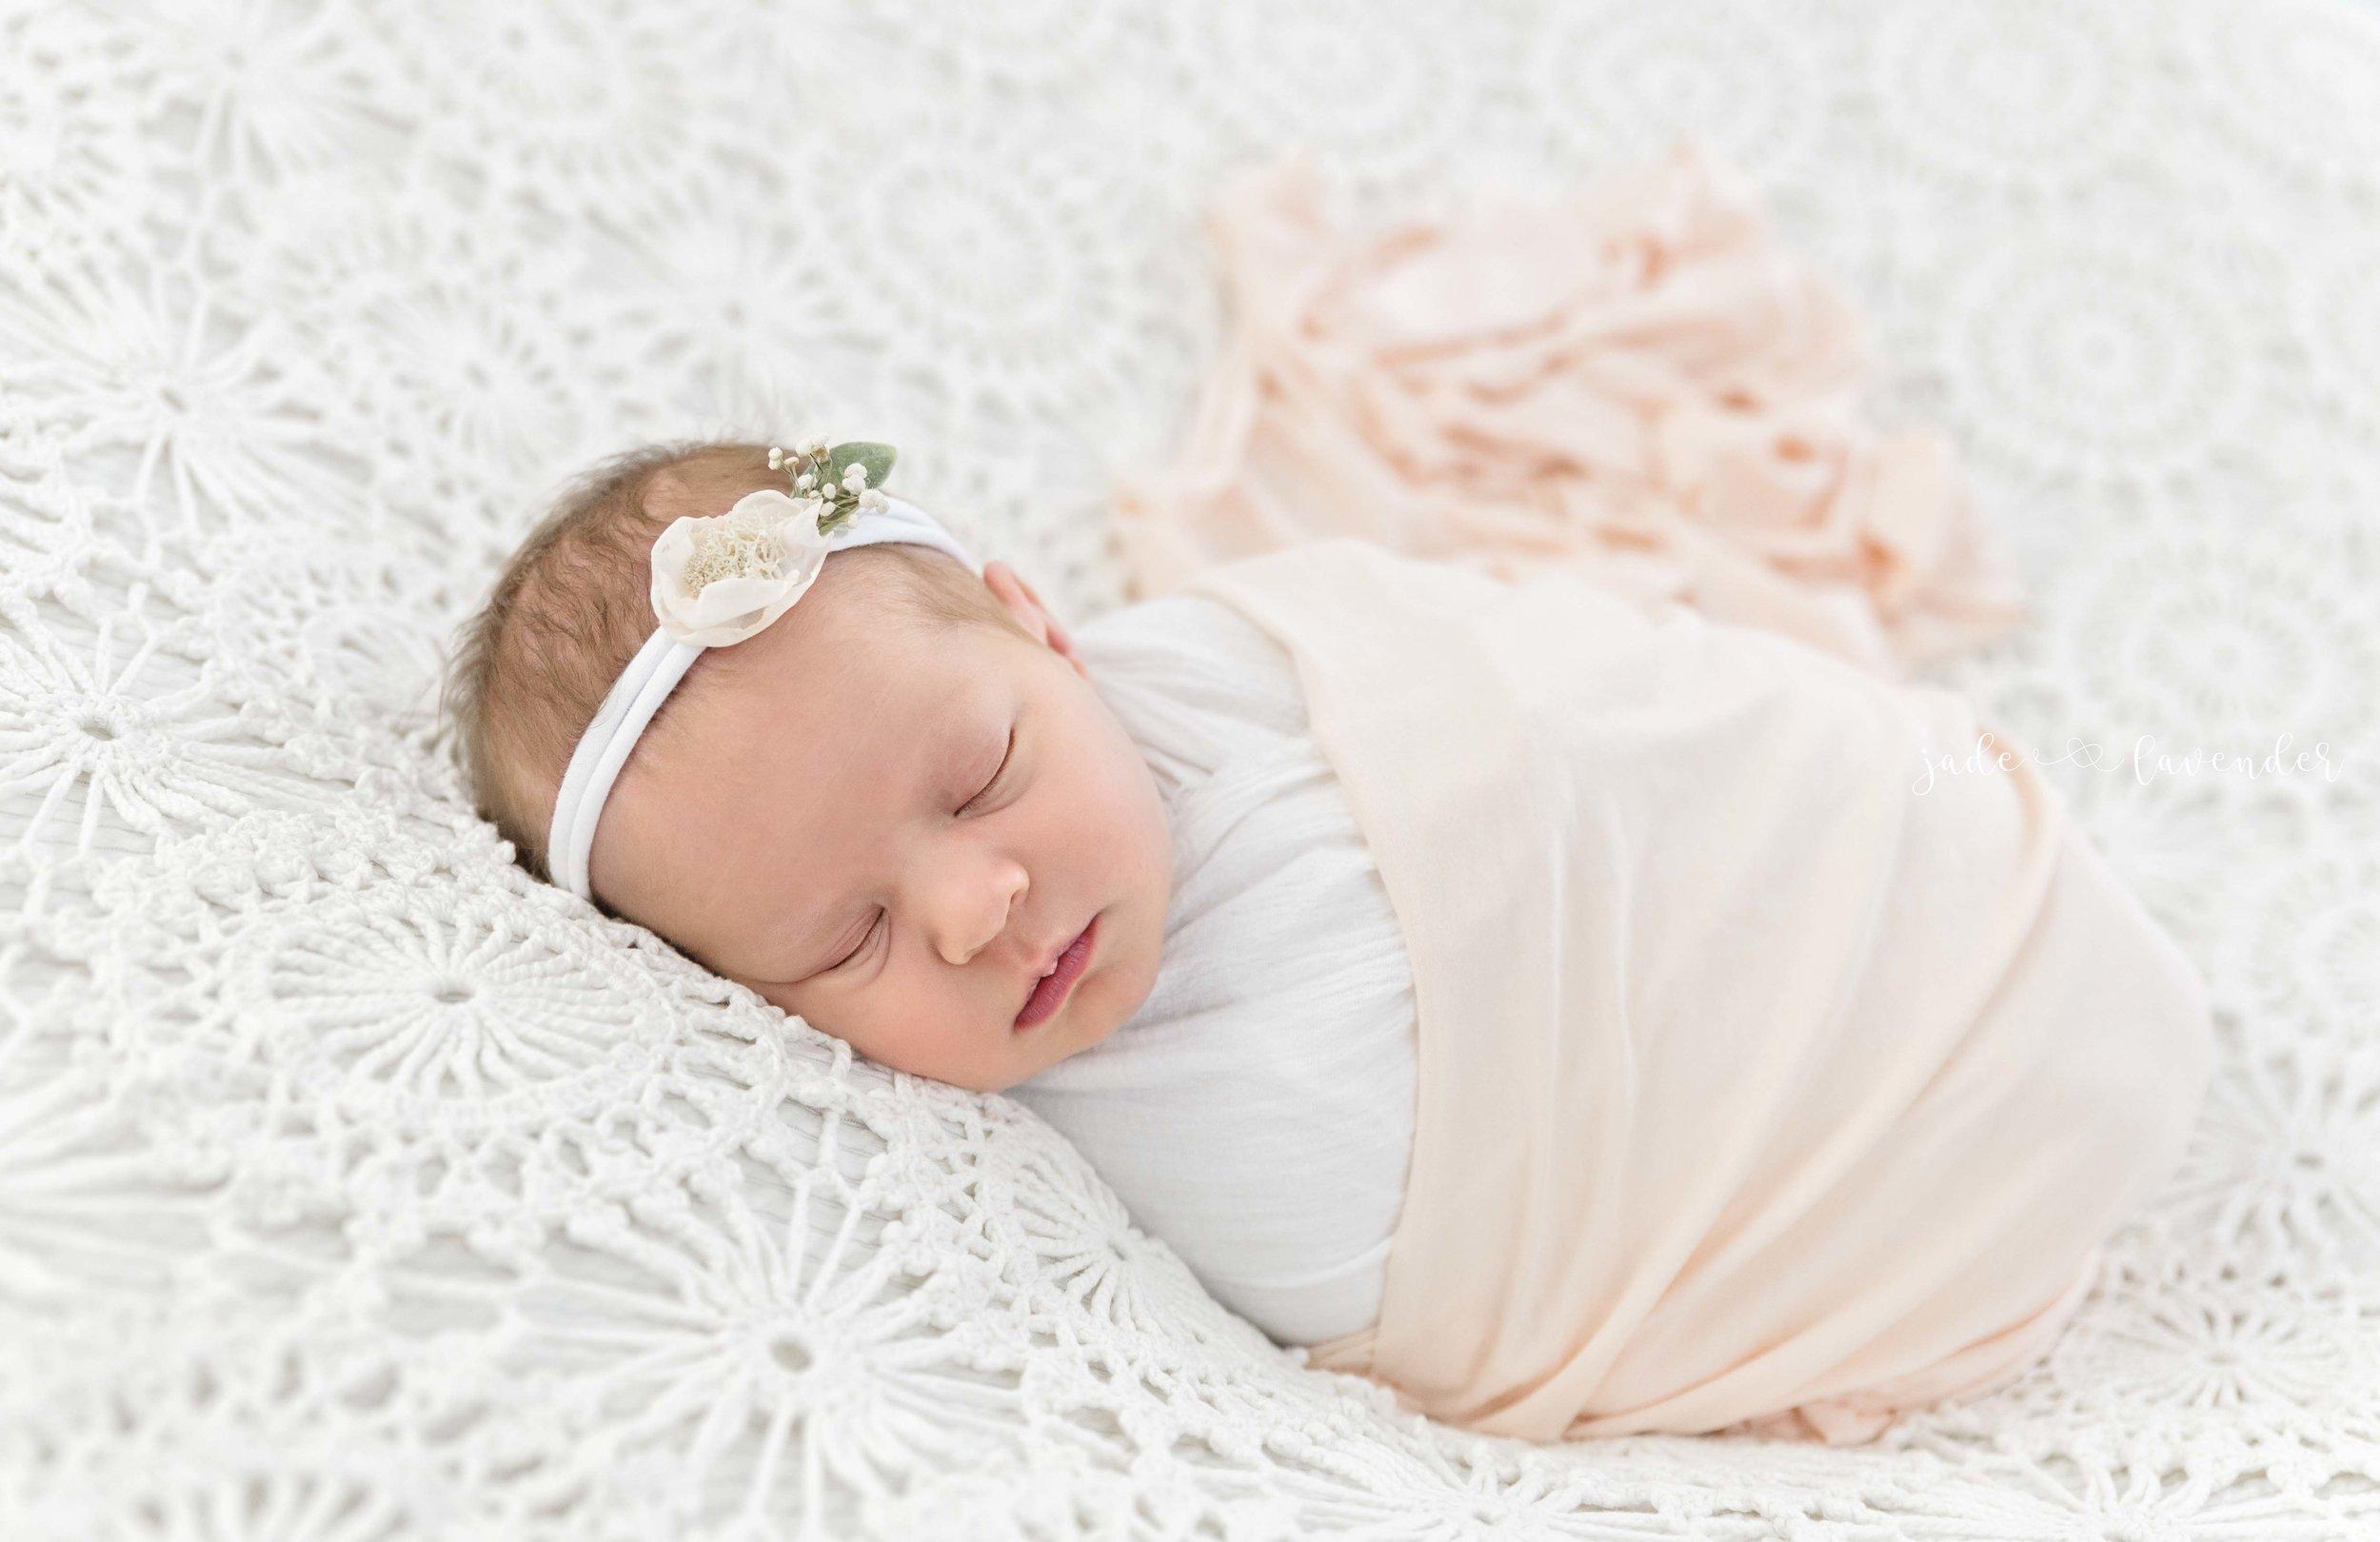 baby-images-infant-photos-photogrpahy-professional-newborn-photoshoot-local-spokane-washington (3 of 6).jpg